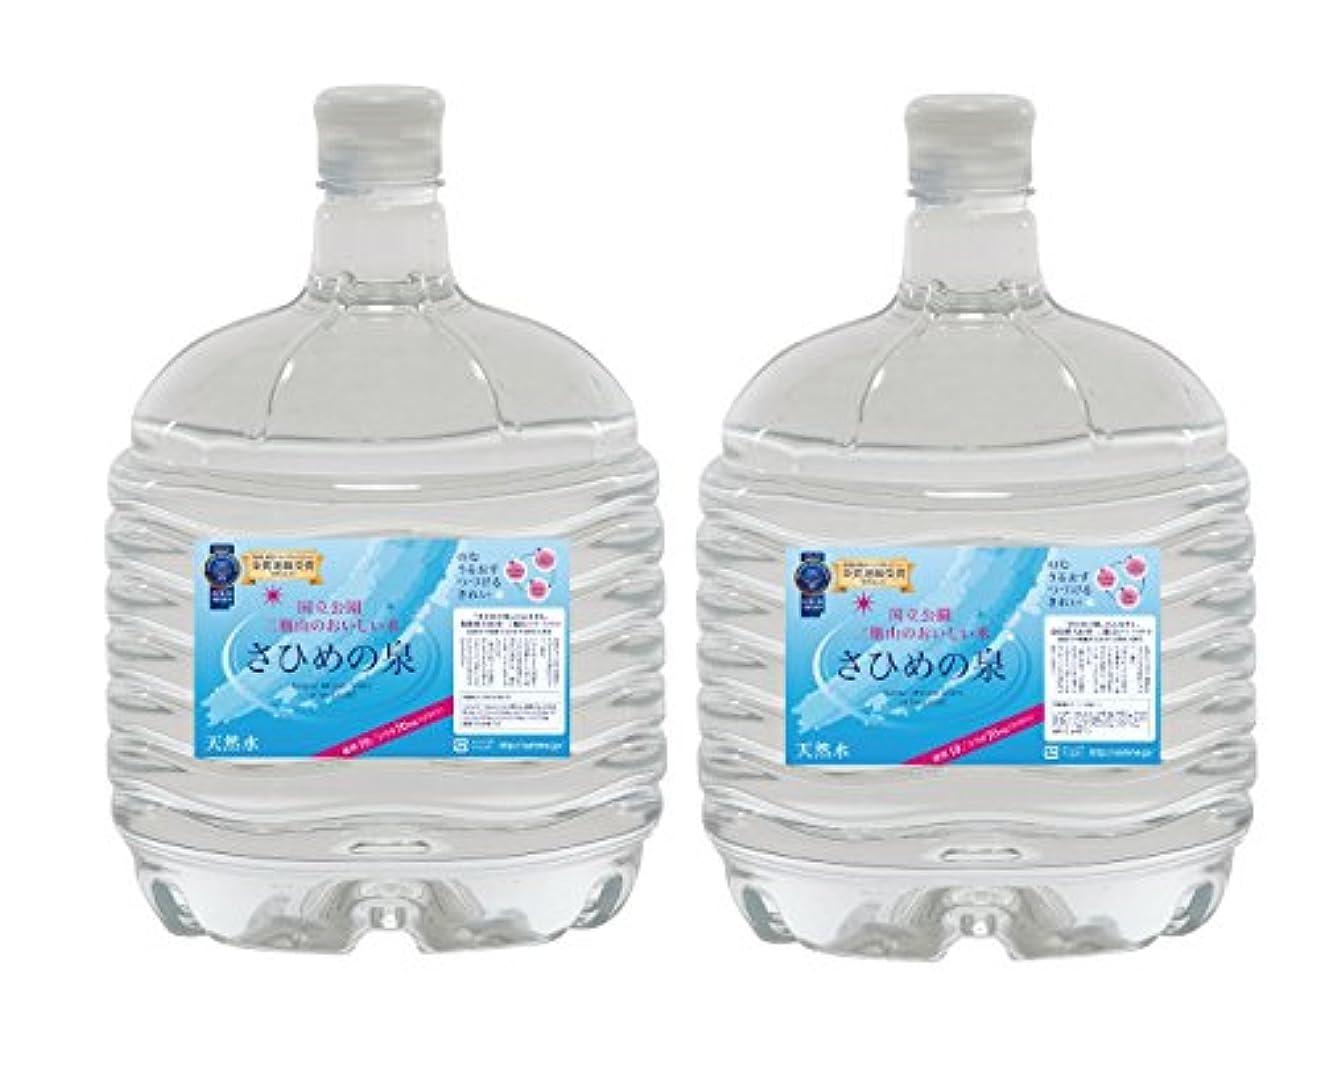 広々とした満足できる絵サーバー用/天然シリカ水さひめの泉 12Lペットボトル2本入り